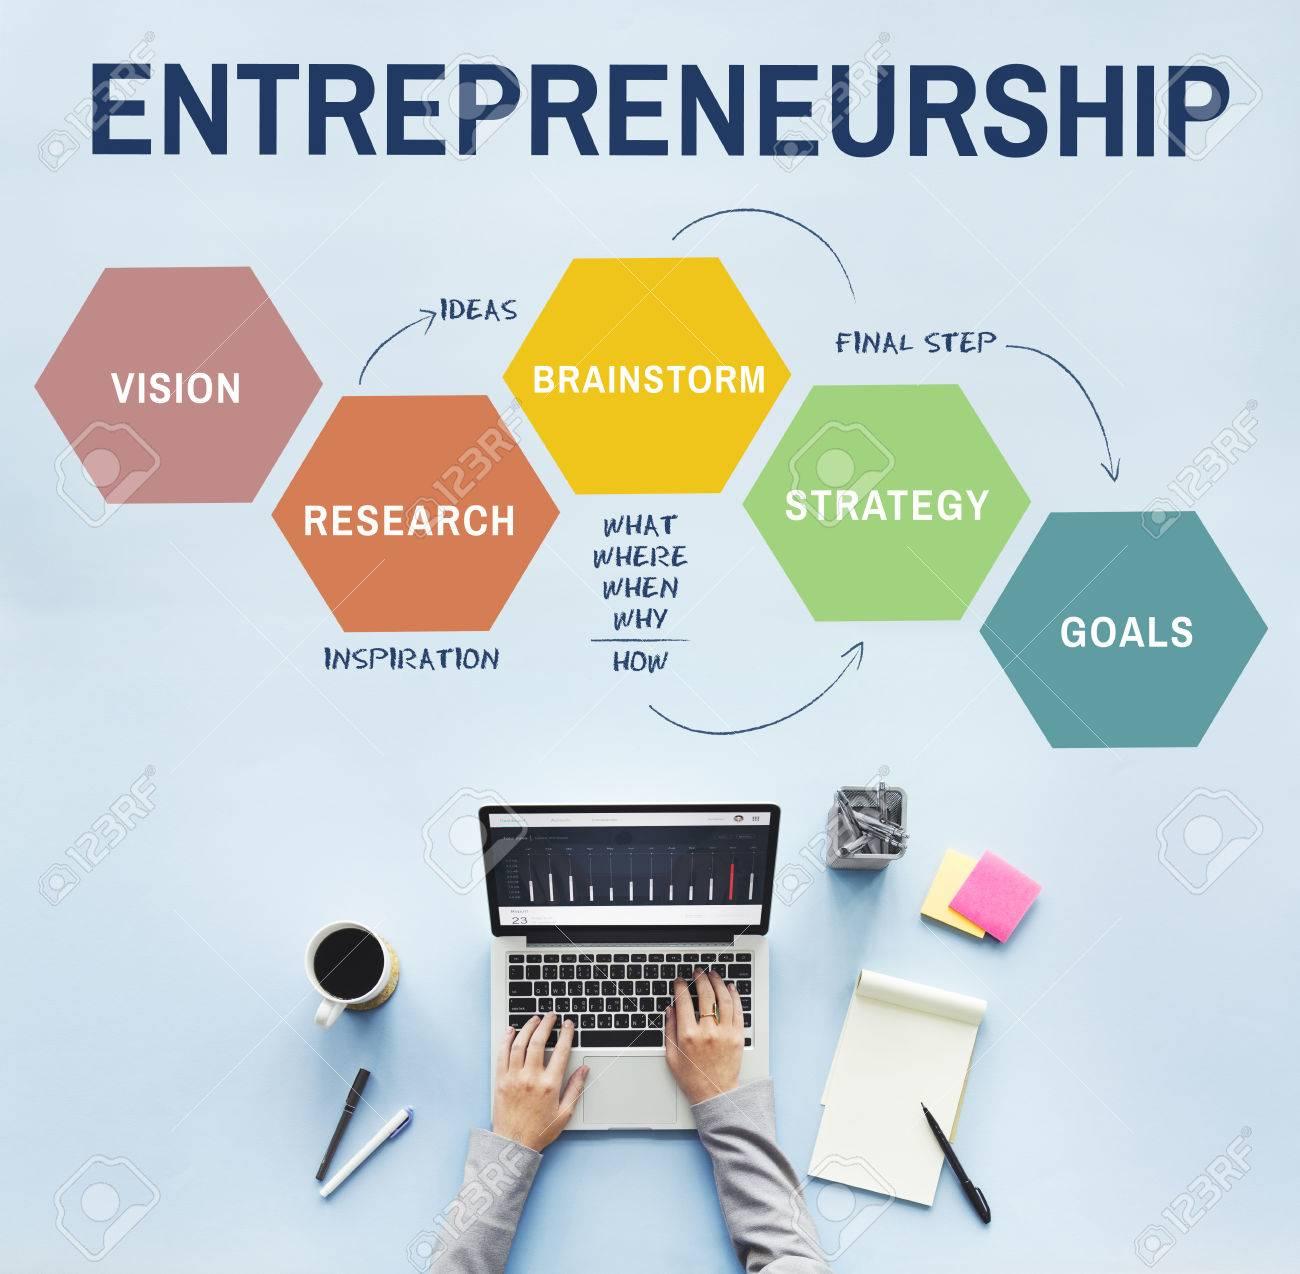 EDC Entrepreneurship